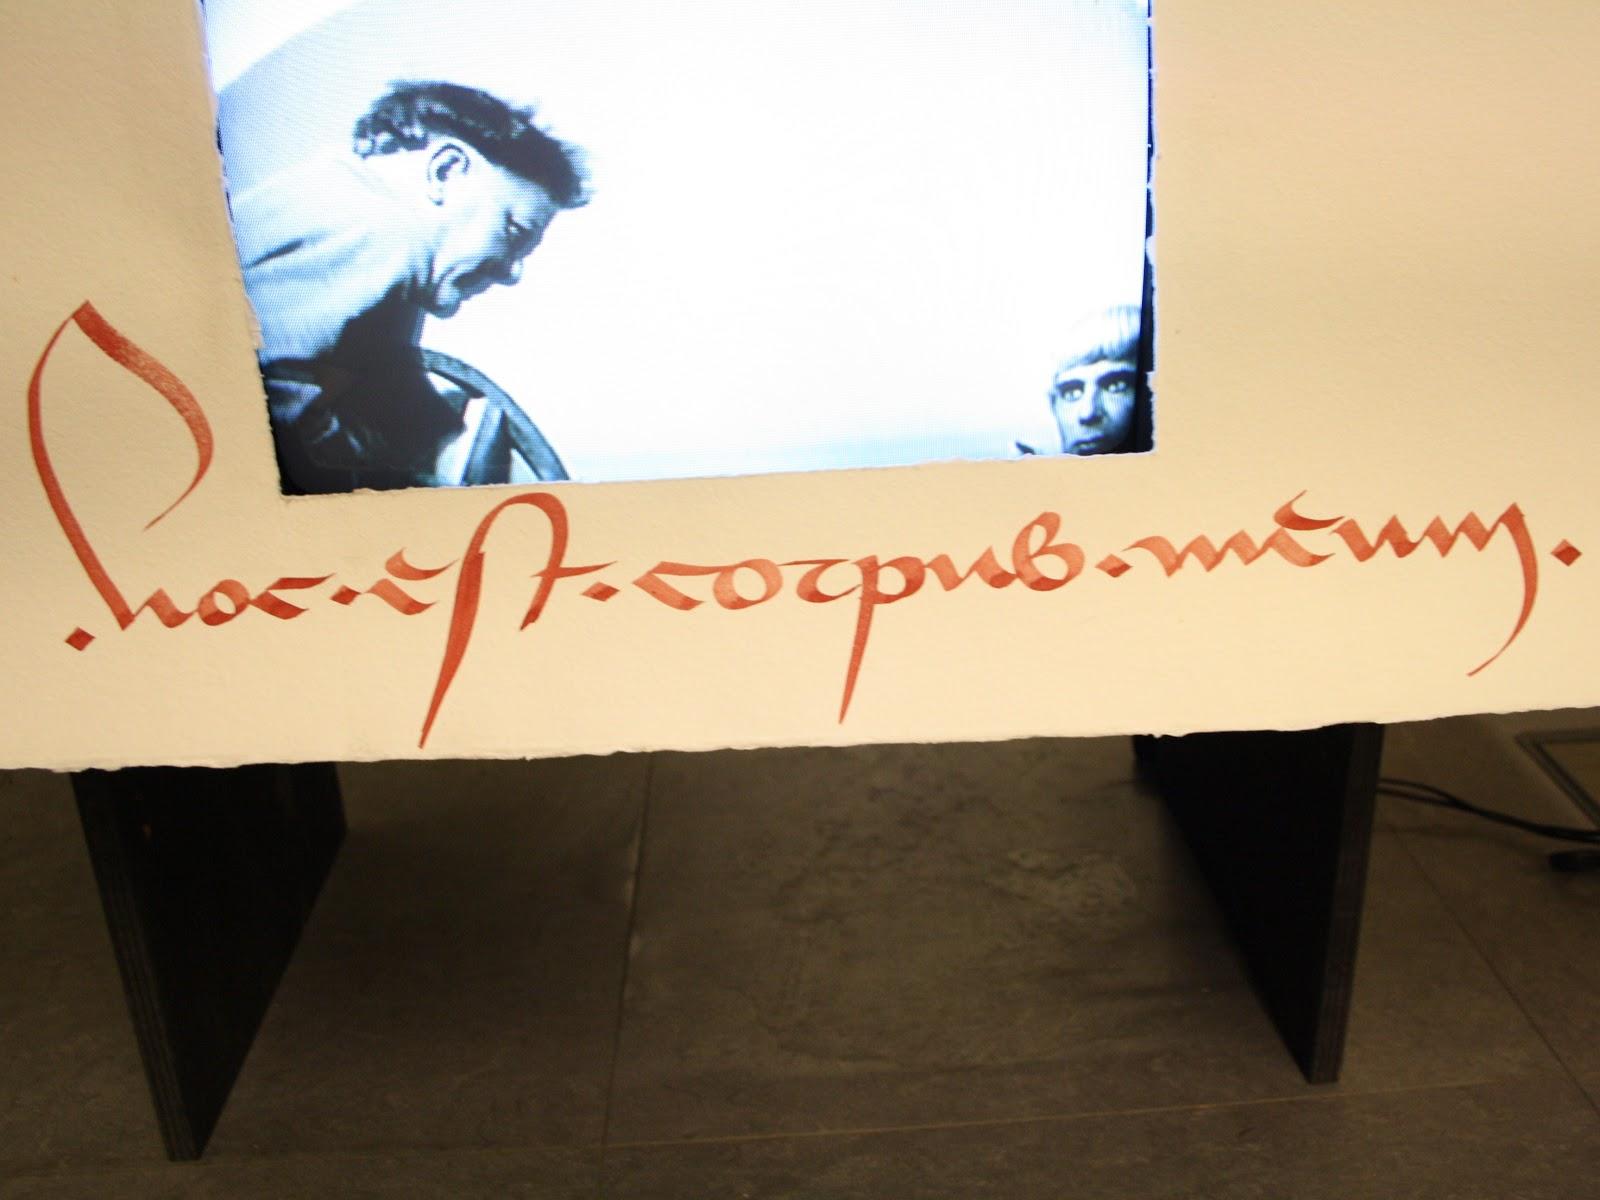 aquari paper, enrique moya, tre calligraphy, batarda